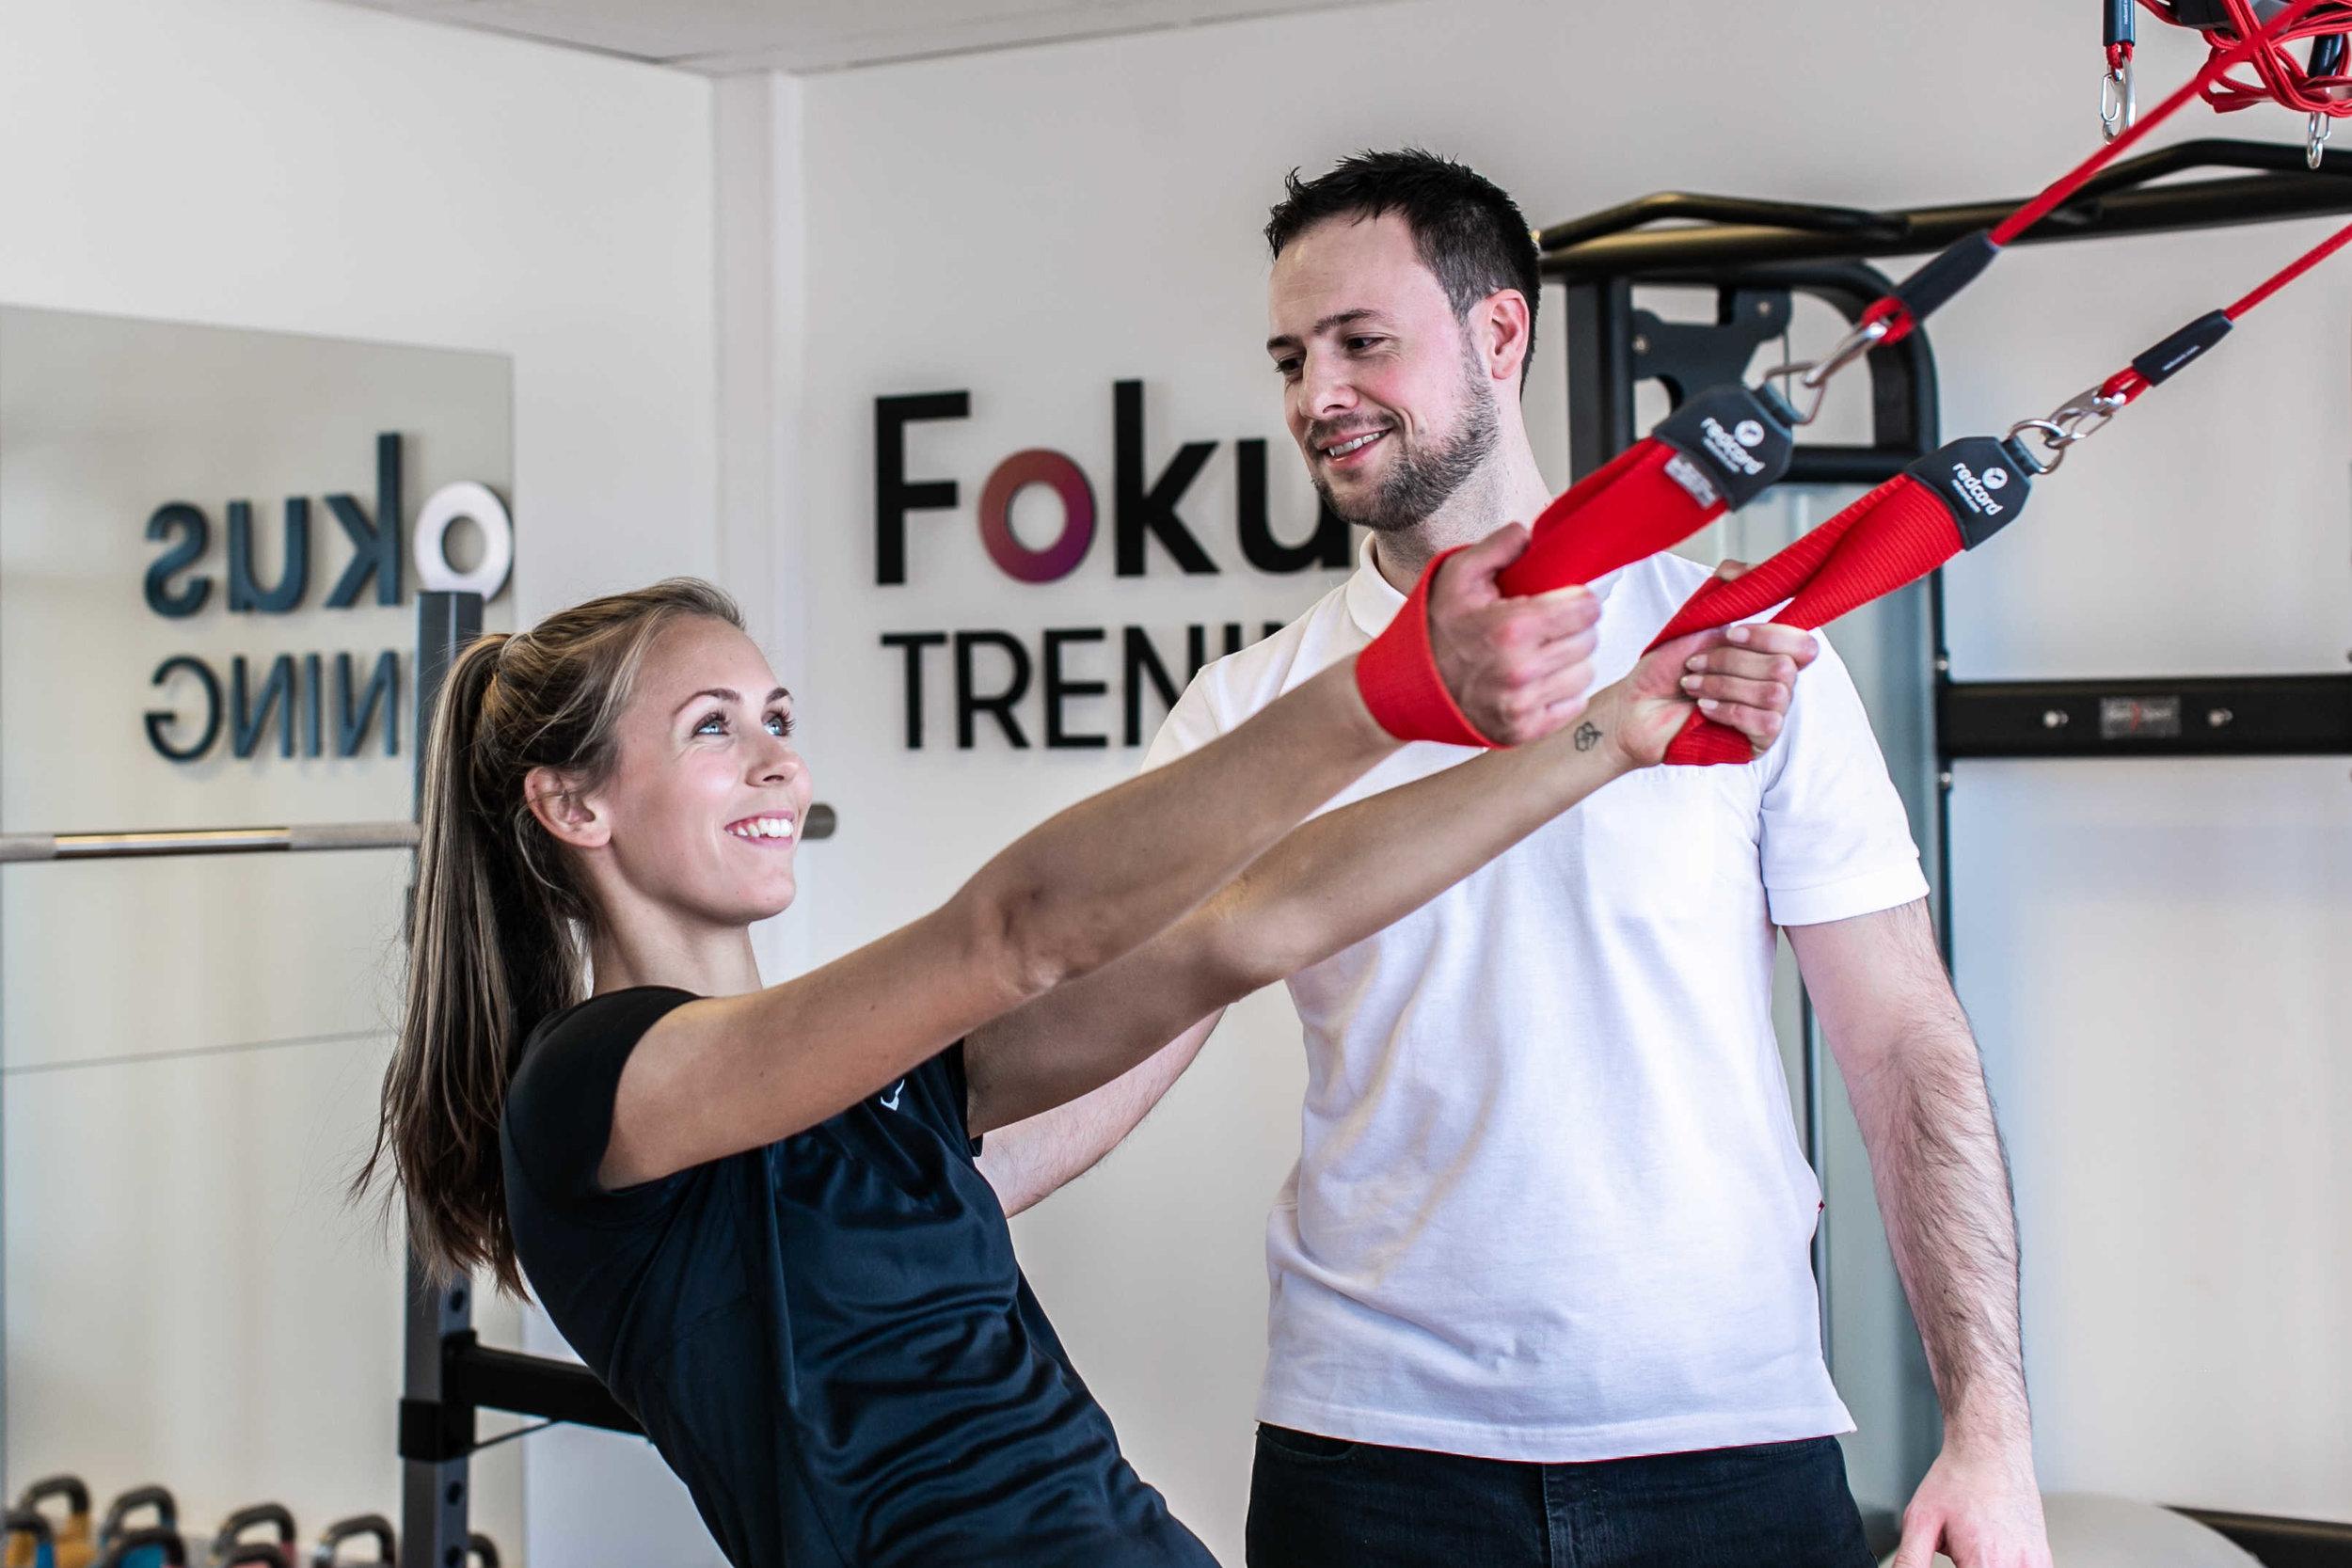 Fysioterapeut Troels Skole Hansen, her når han veileder i rehabiliterende øvelser.